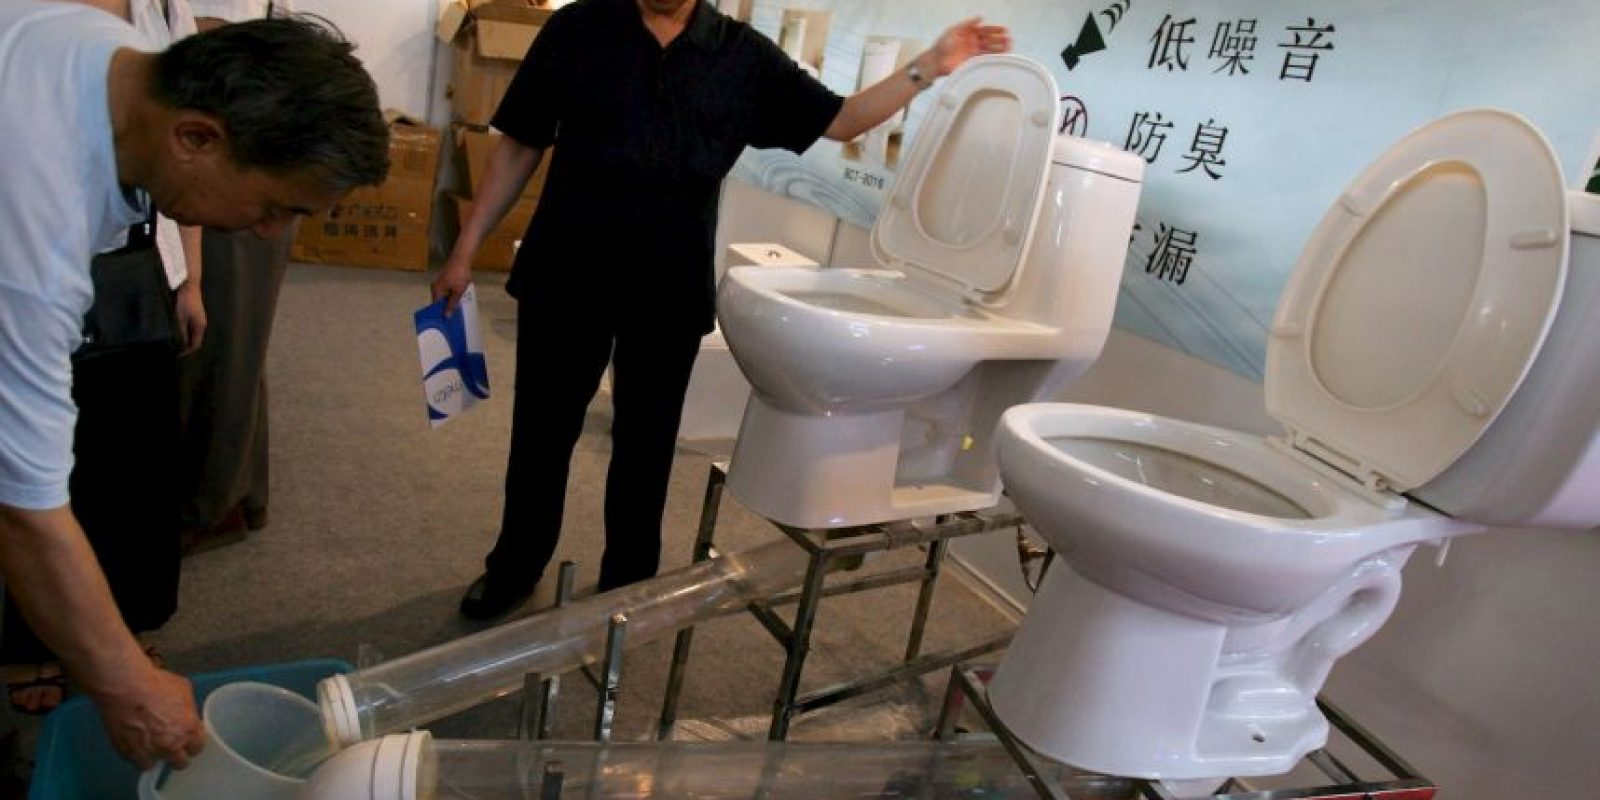 """""""Tenemos la obligación moral de acabar con la defecación al aire libre y tenemos el deber de velar por que mujeres y niñas no corran peligro de ser víctimas de agresiones o violaciones simplemente porque carecen de acceso a servicios de saneamiento"""", dijo el secretario general de la ONU, Ban Ki-moon. Foto:Getty"""